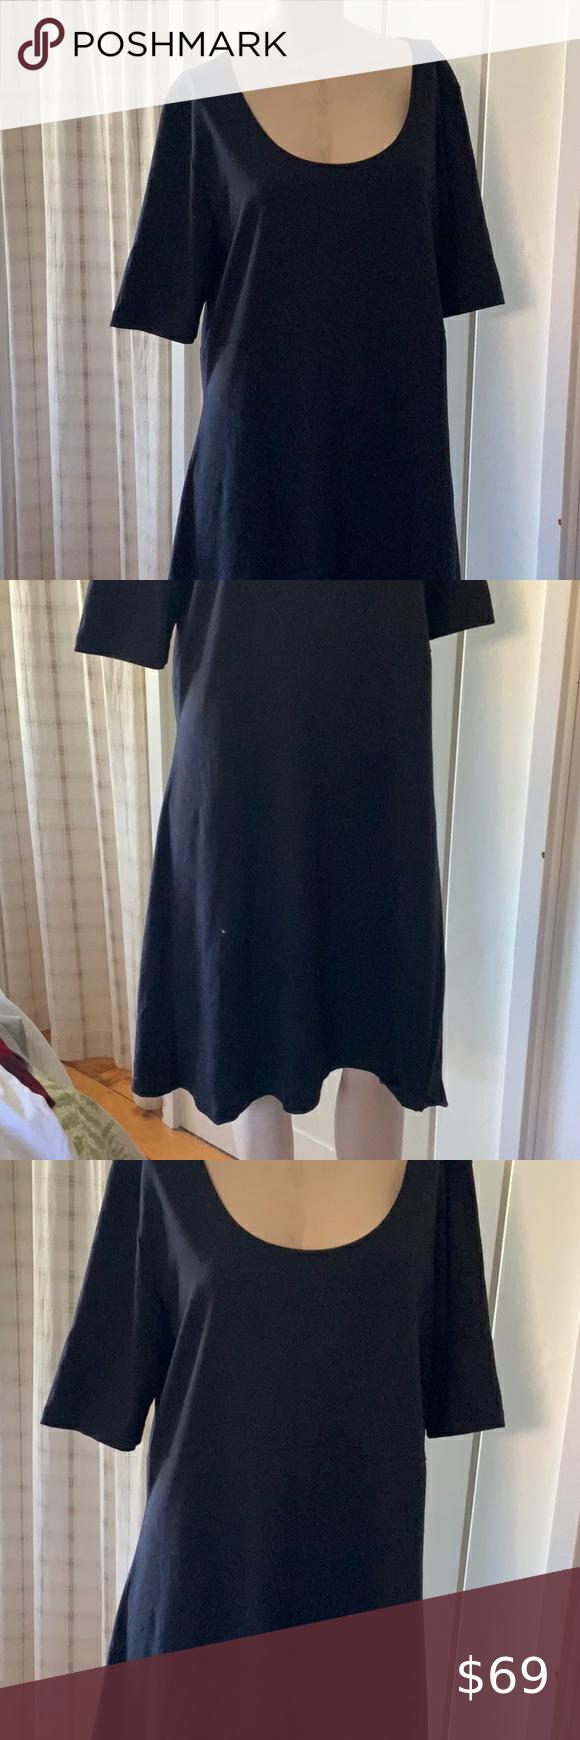 Sahalie Little Black Dress Xl Shirt Dress Style Little Black Dress Black Dress [ 1740 x 580 Pixel ]